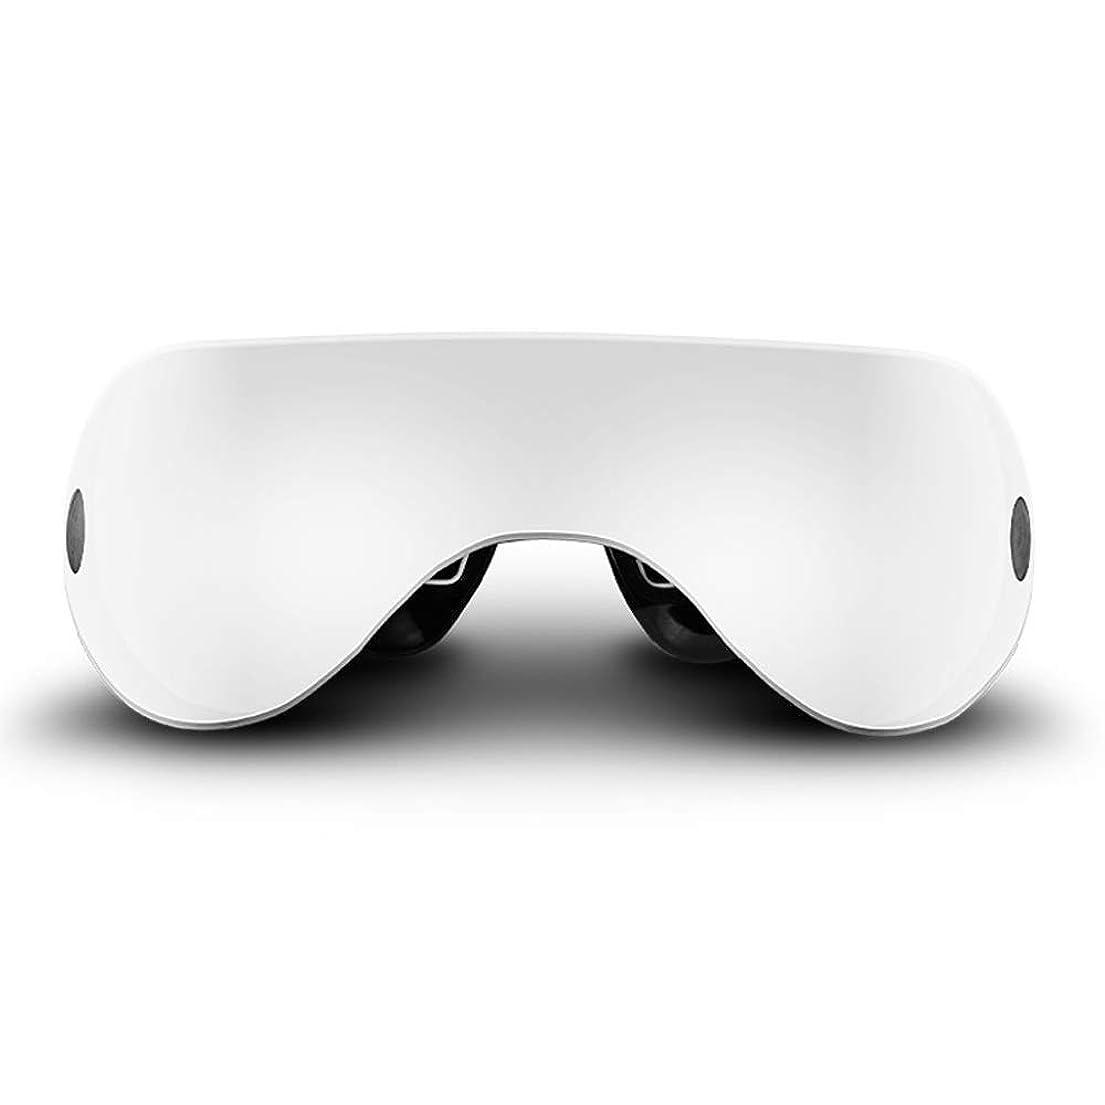 繰り返す失礼データムJJYPY 電動アイマッサージャー、目の疲労のためのワイヤレス充電式アイマッサージャードライアイストレスリリーフ (Color : White)